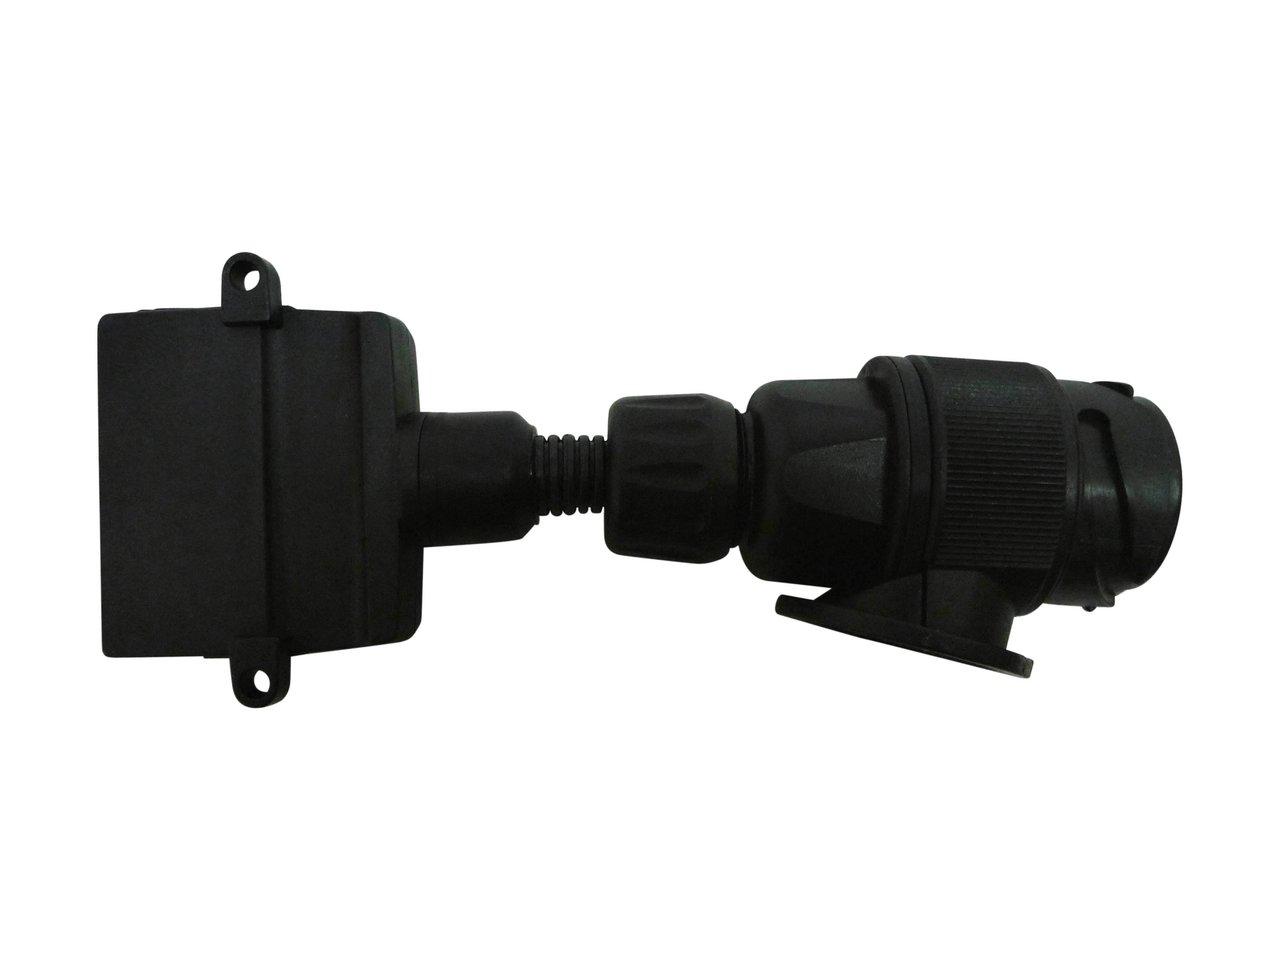 trailer adapter 13 pin round euro to 7 pin flat 82285bl, Wiring diagram